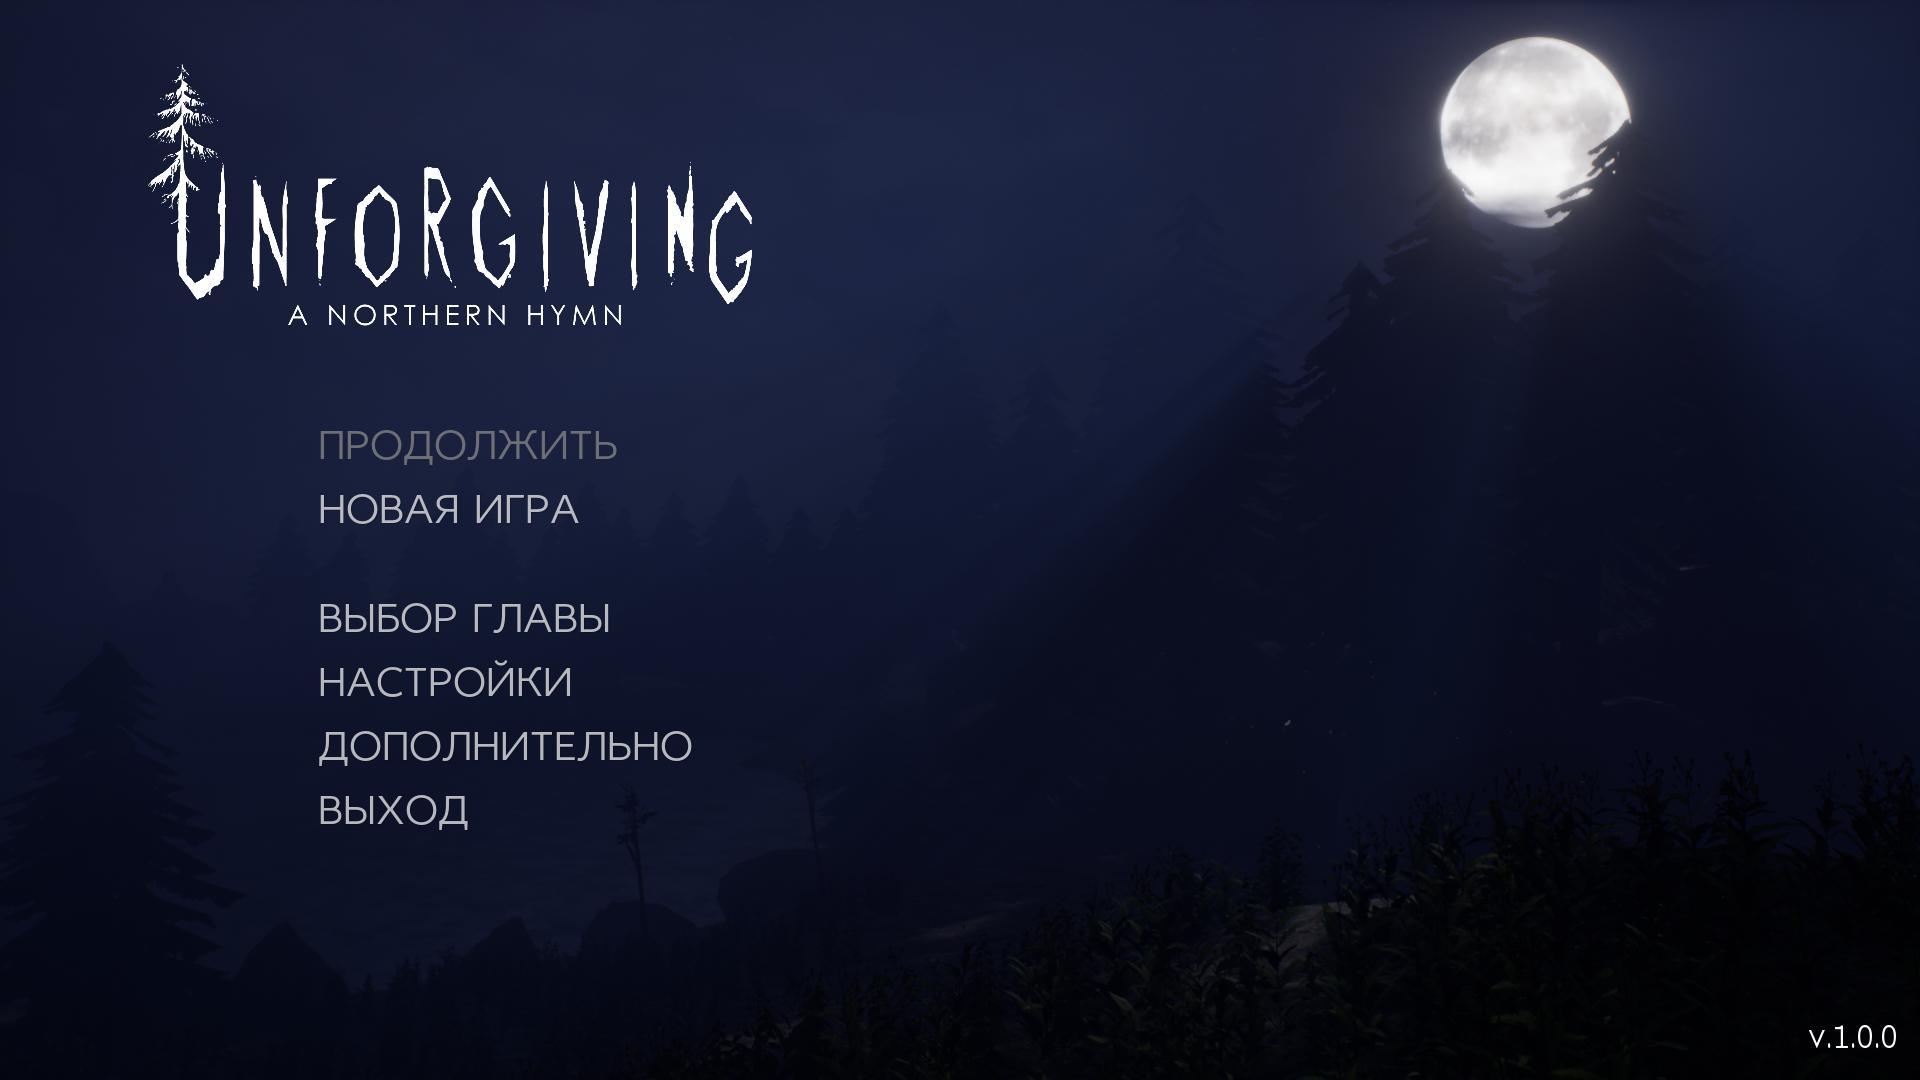 Скриншоты к Unforgiving - A Northern Hymn v1.0.0 на русском